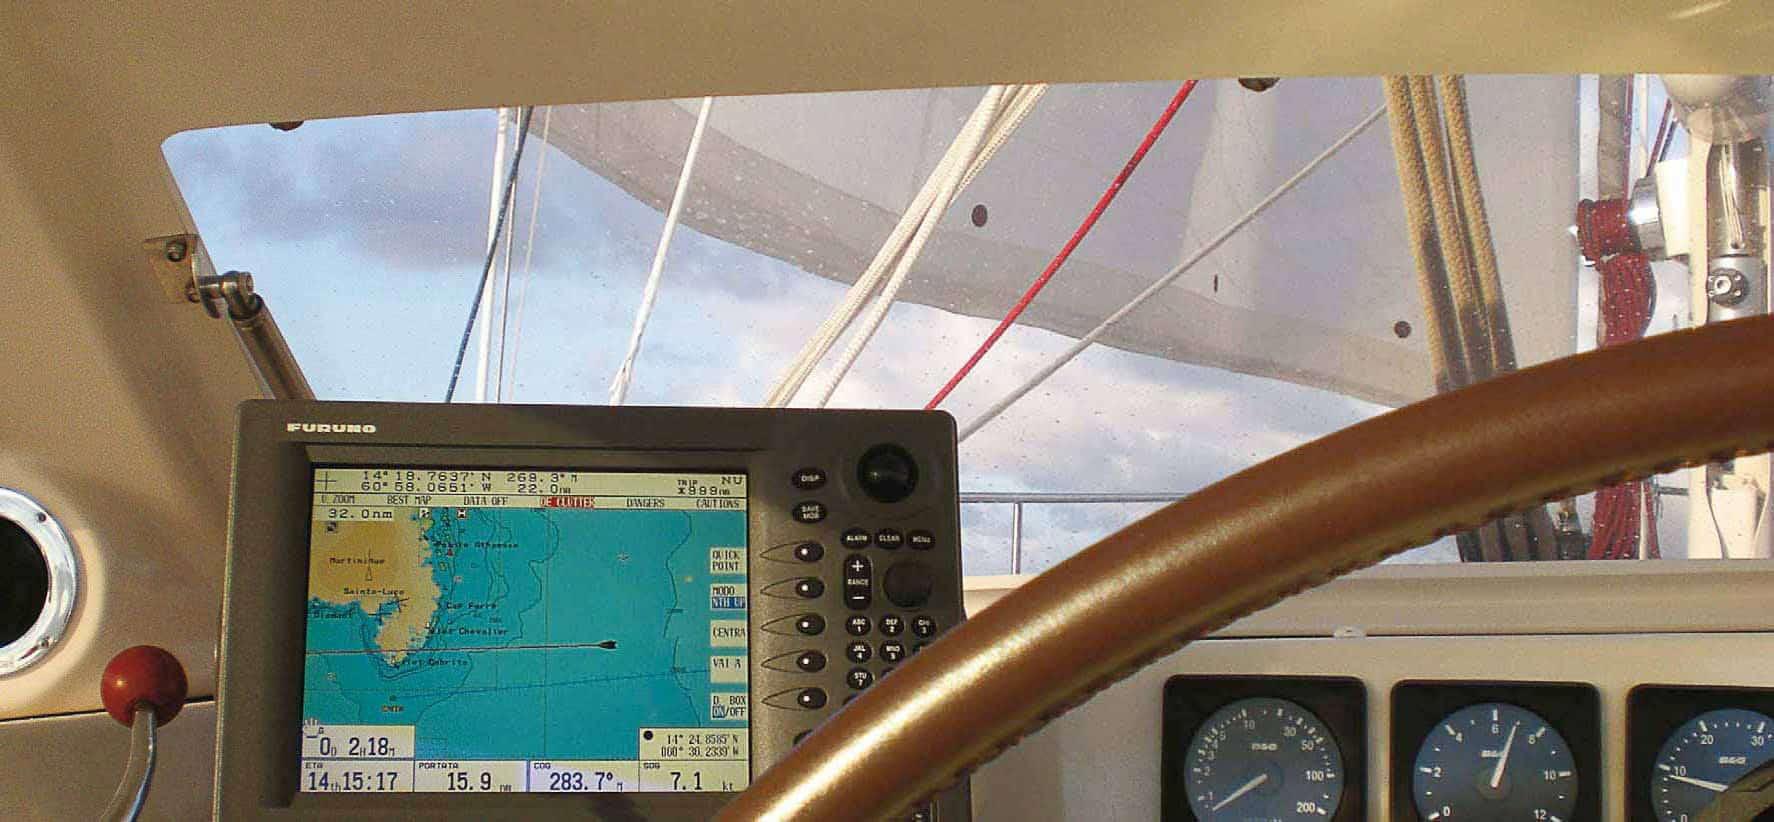 Gian Piero Staffa e le imprese di vela rese possibili dalle tecnologia